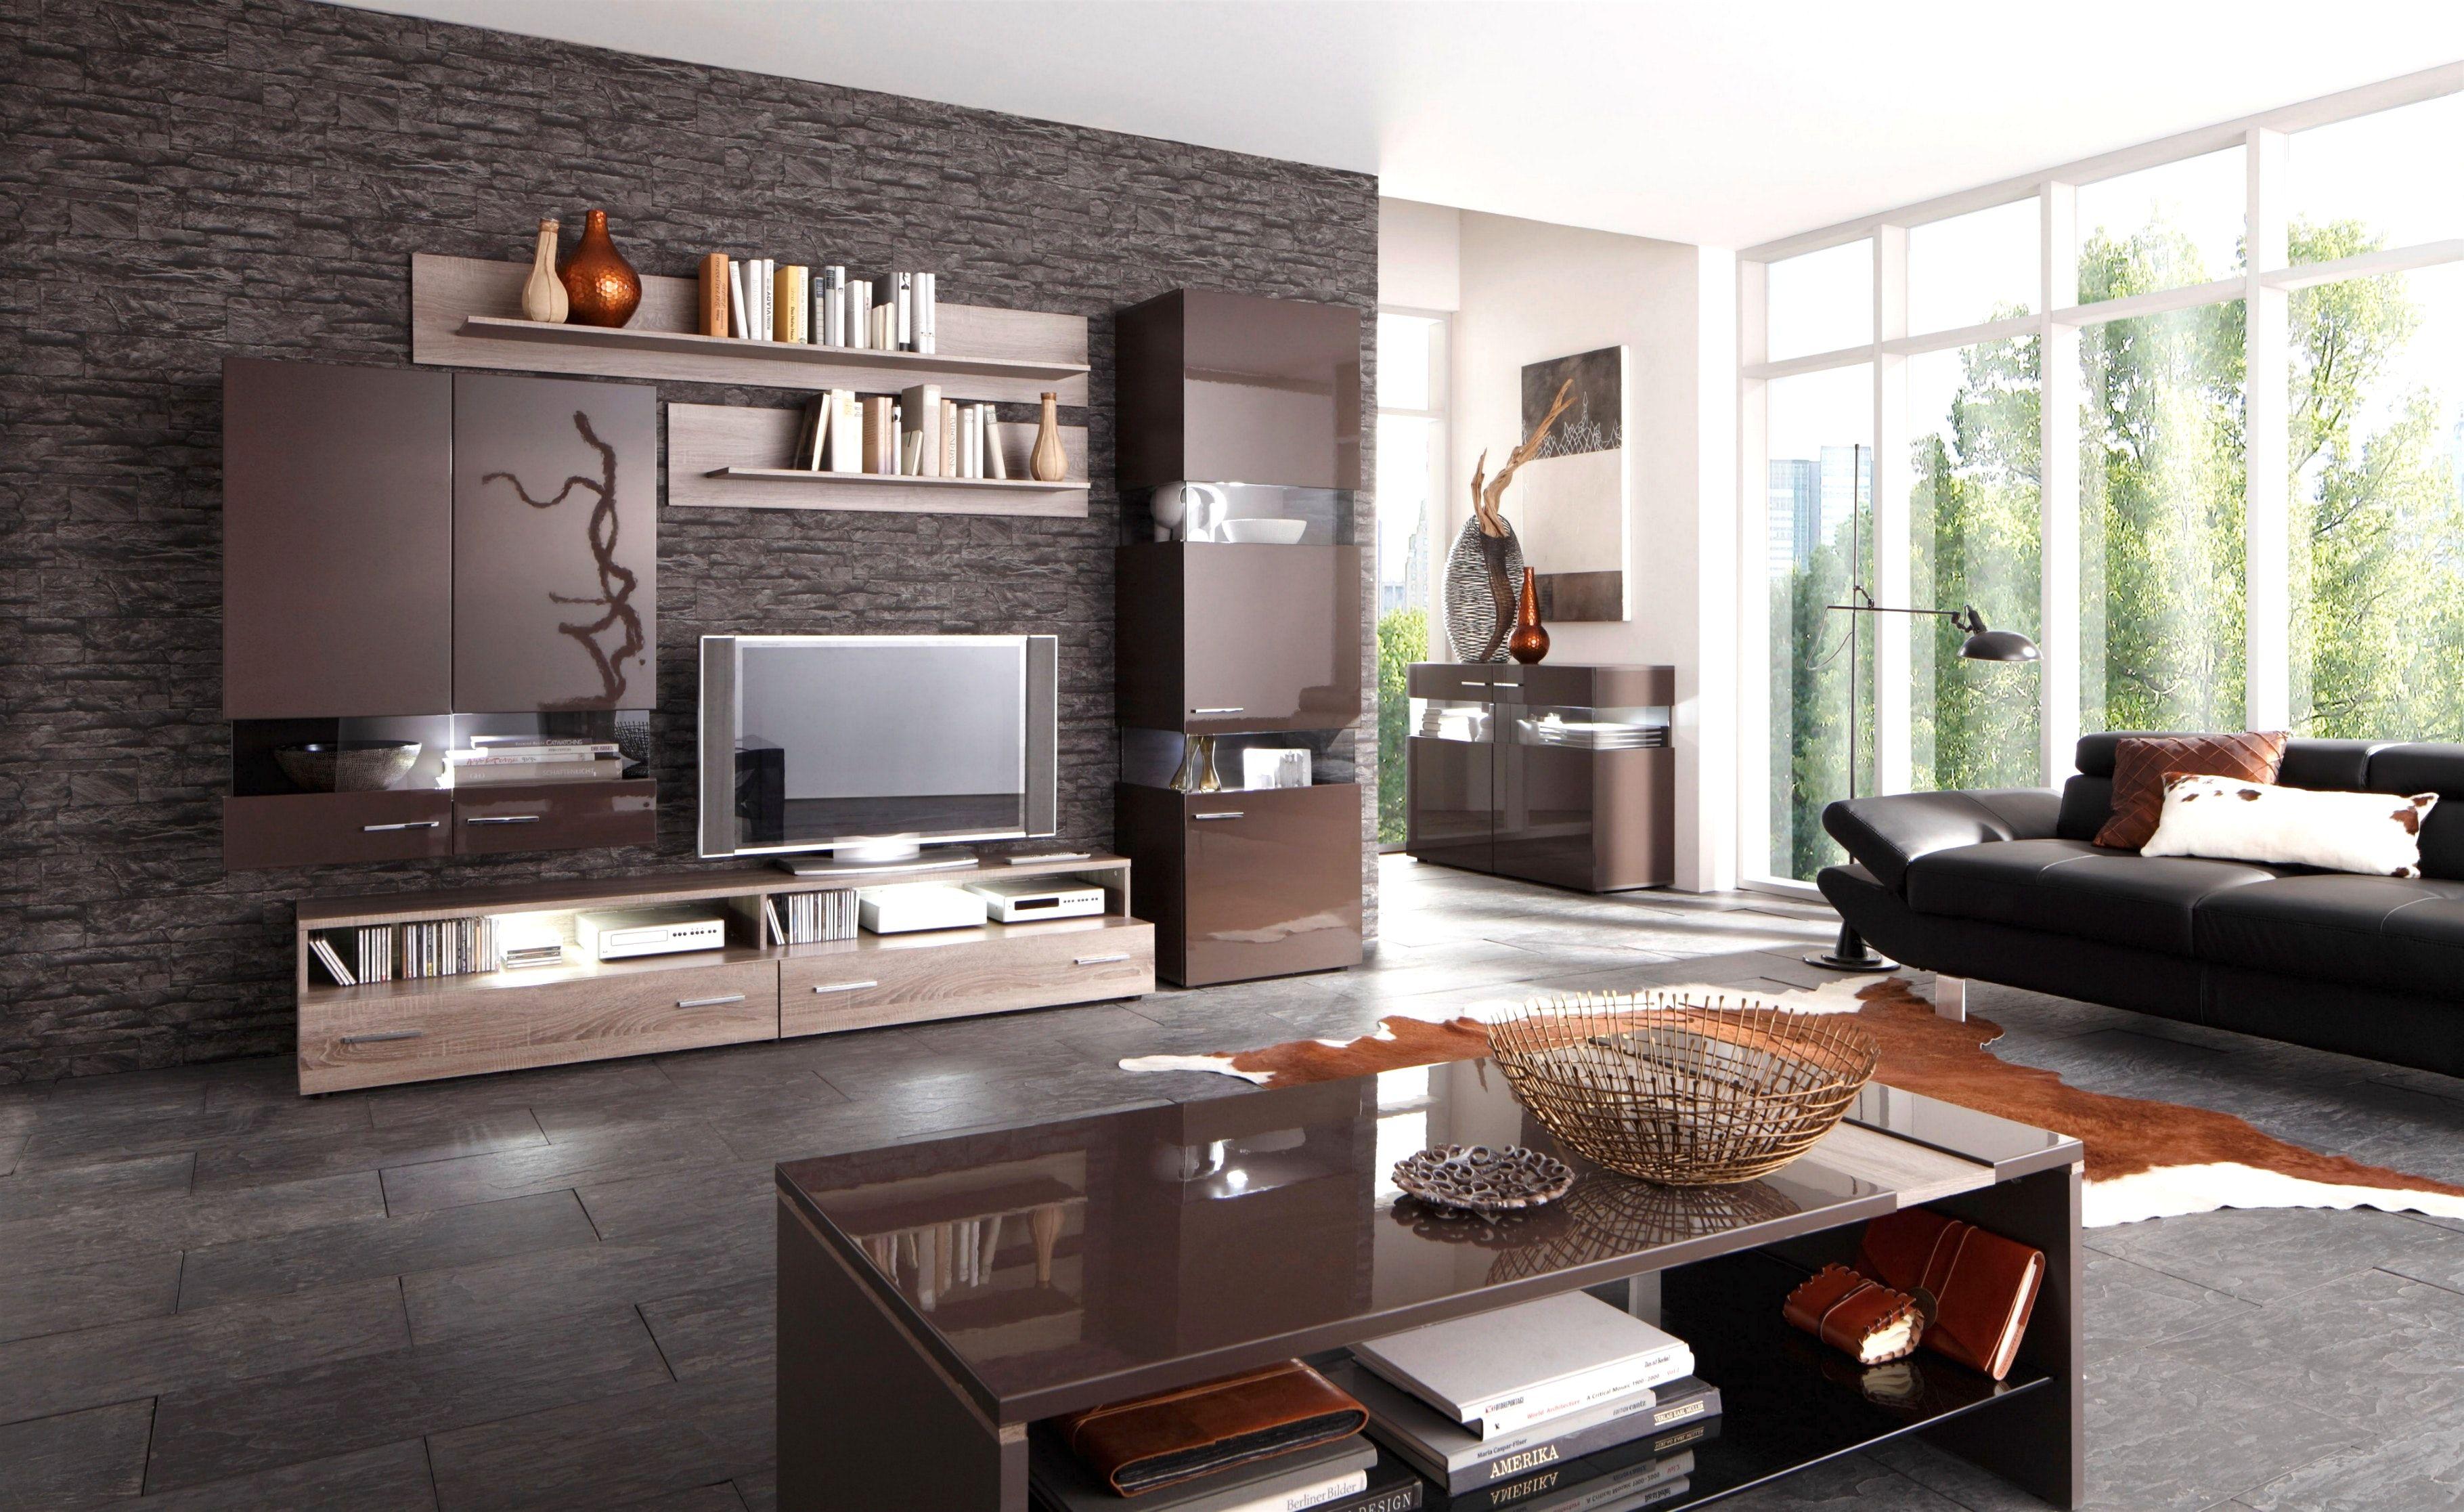 Wunderbar Deko Idee Wohnzimmer Braun